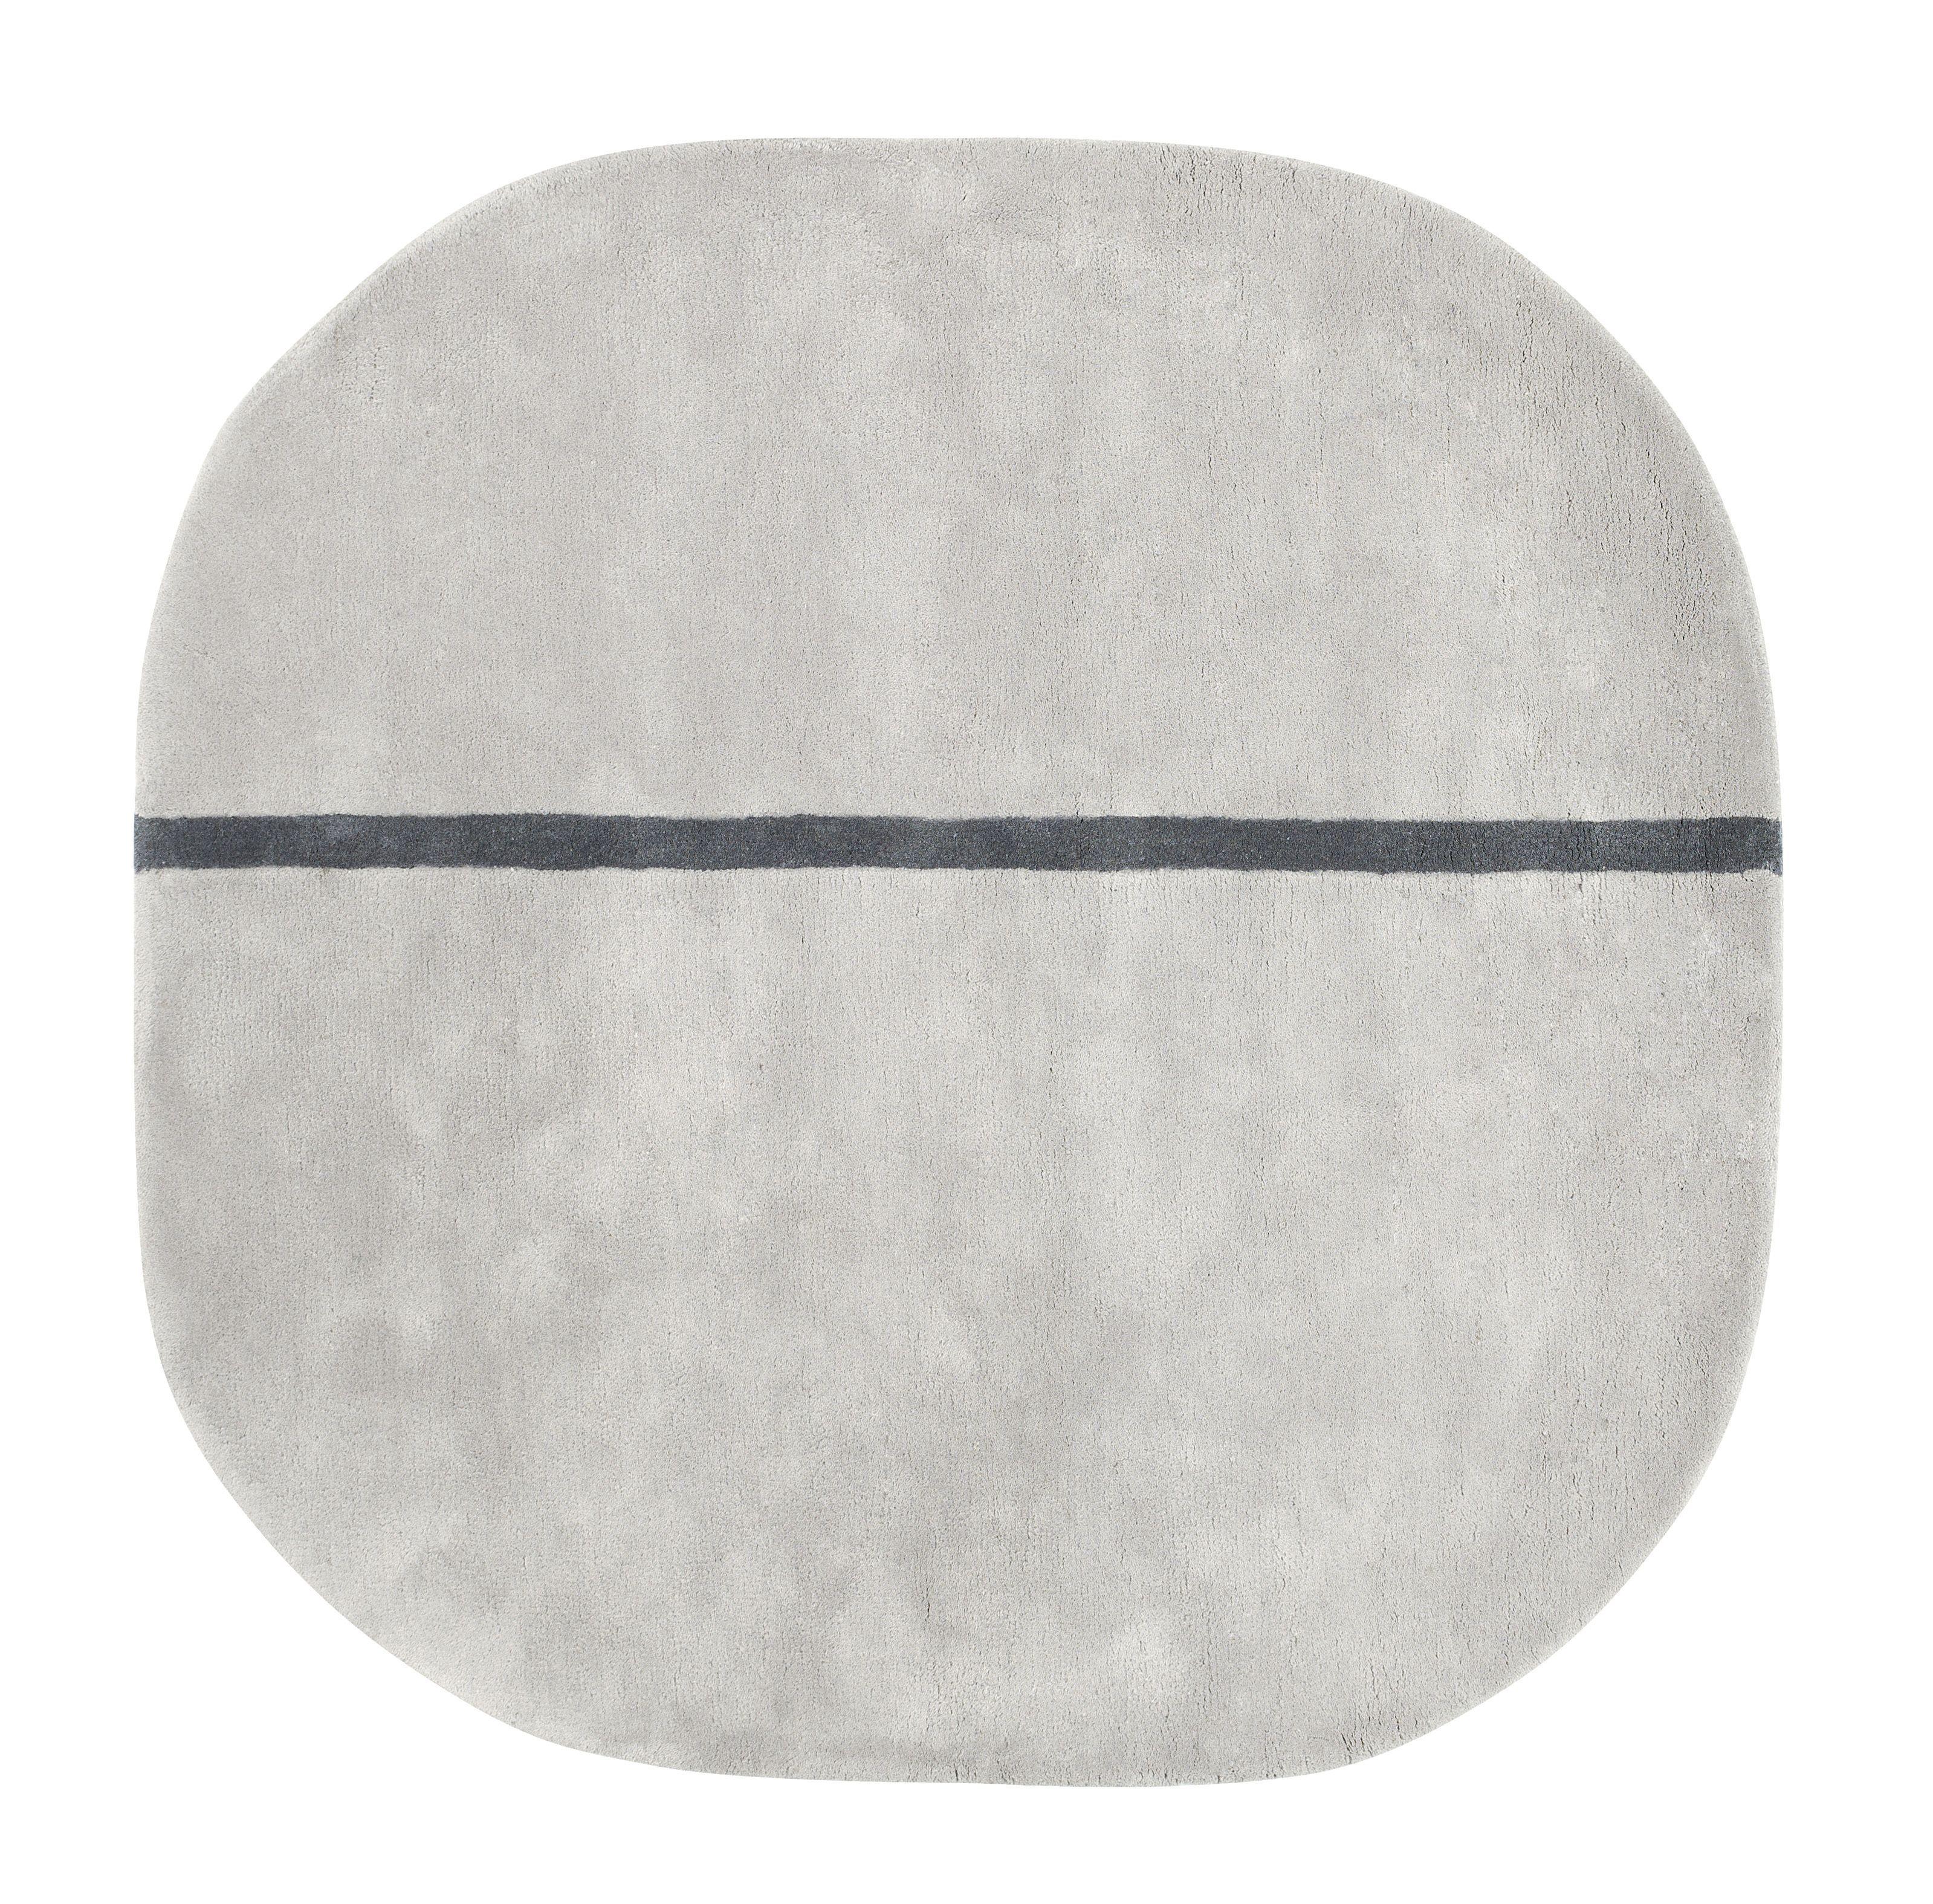 Normann Copenhagen Oona vloerkleed grijs medium 140x140 kopen